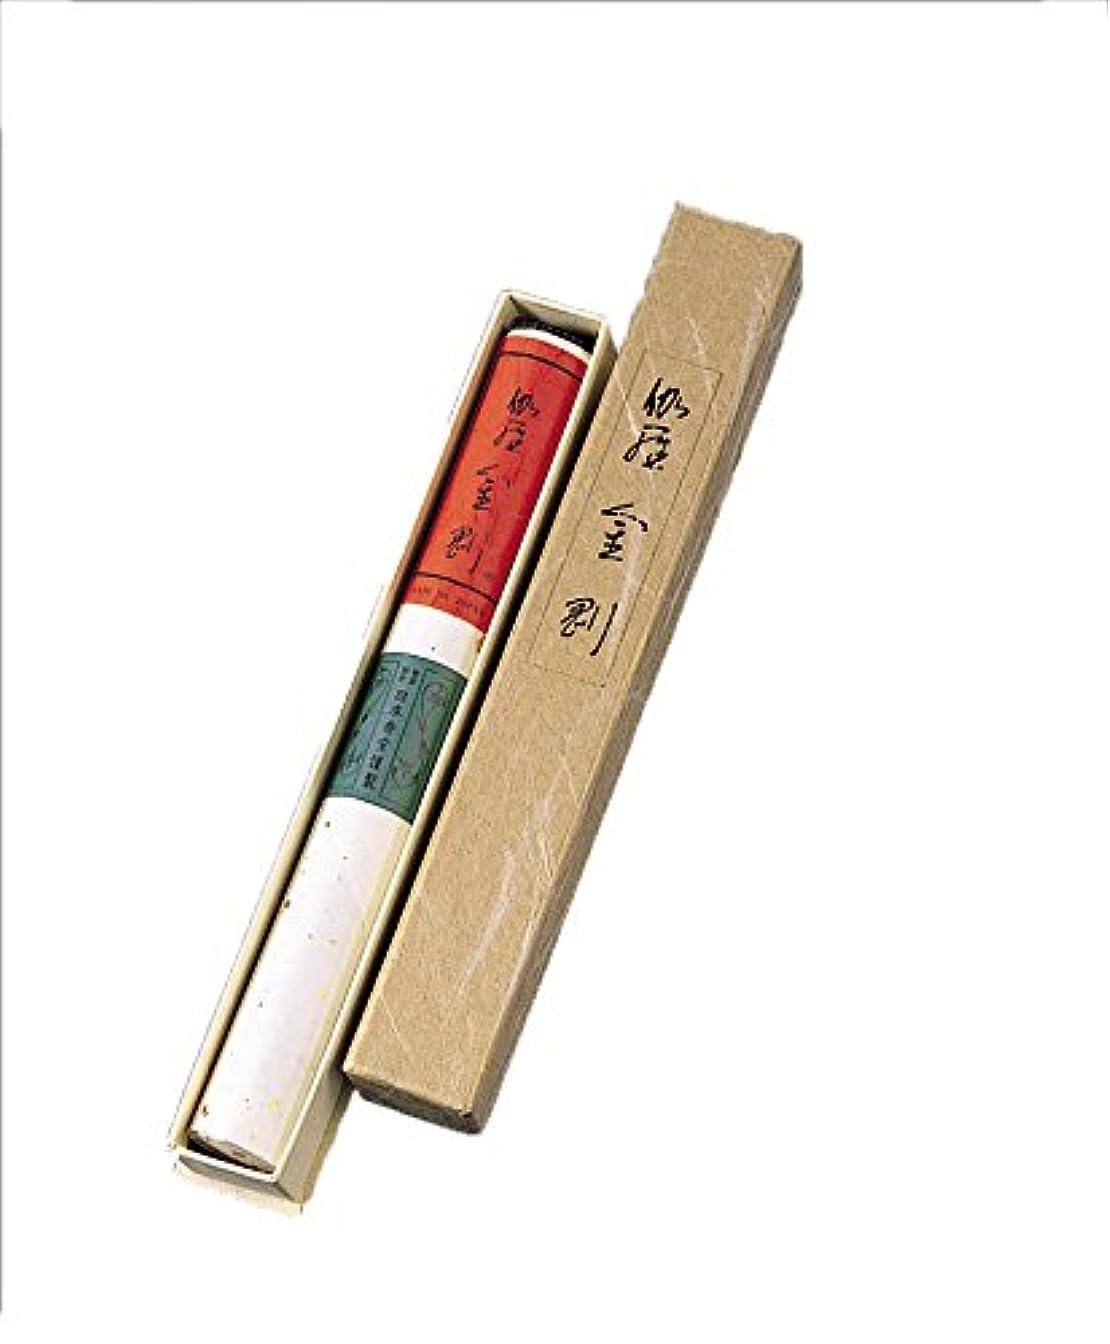 速度盲目オゾンNippon Kodo – Kyara Kongo – 選択したAloeswood Long Stick Incense 100 Sticks